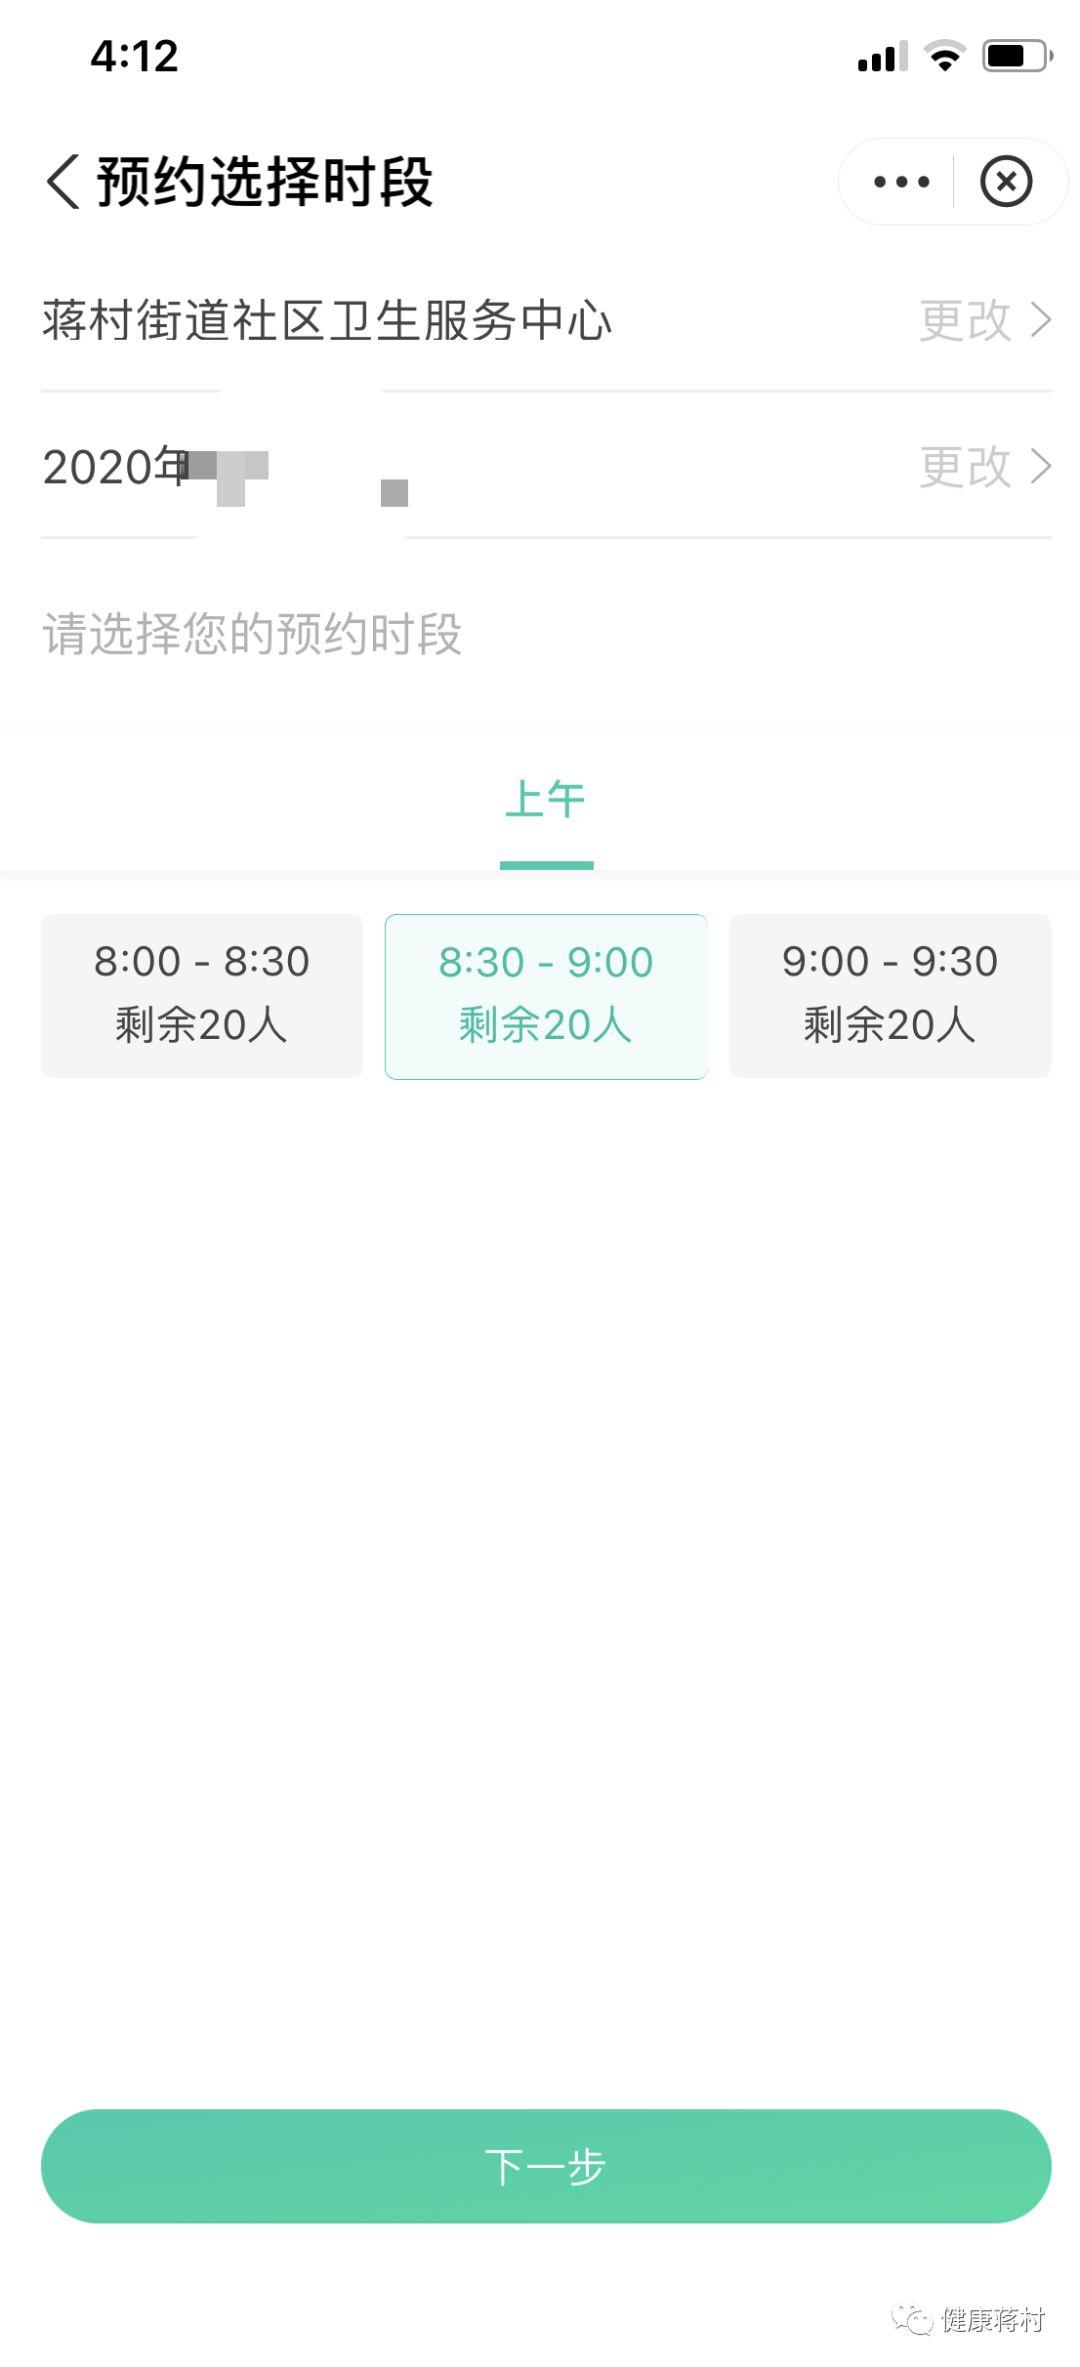 2020杭州西湖蒋村中心流感疫苗预约时间、条件、入口